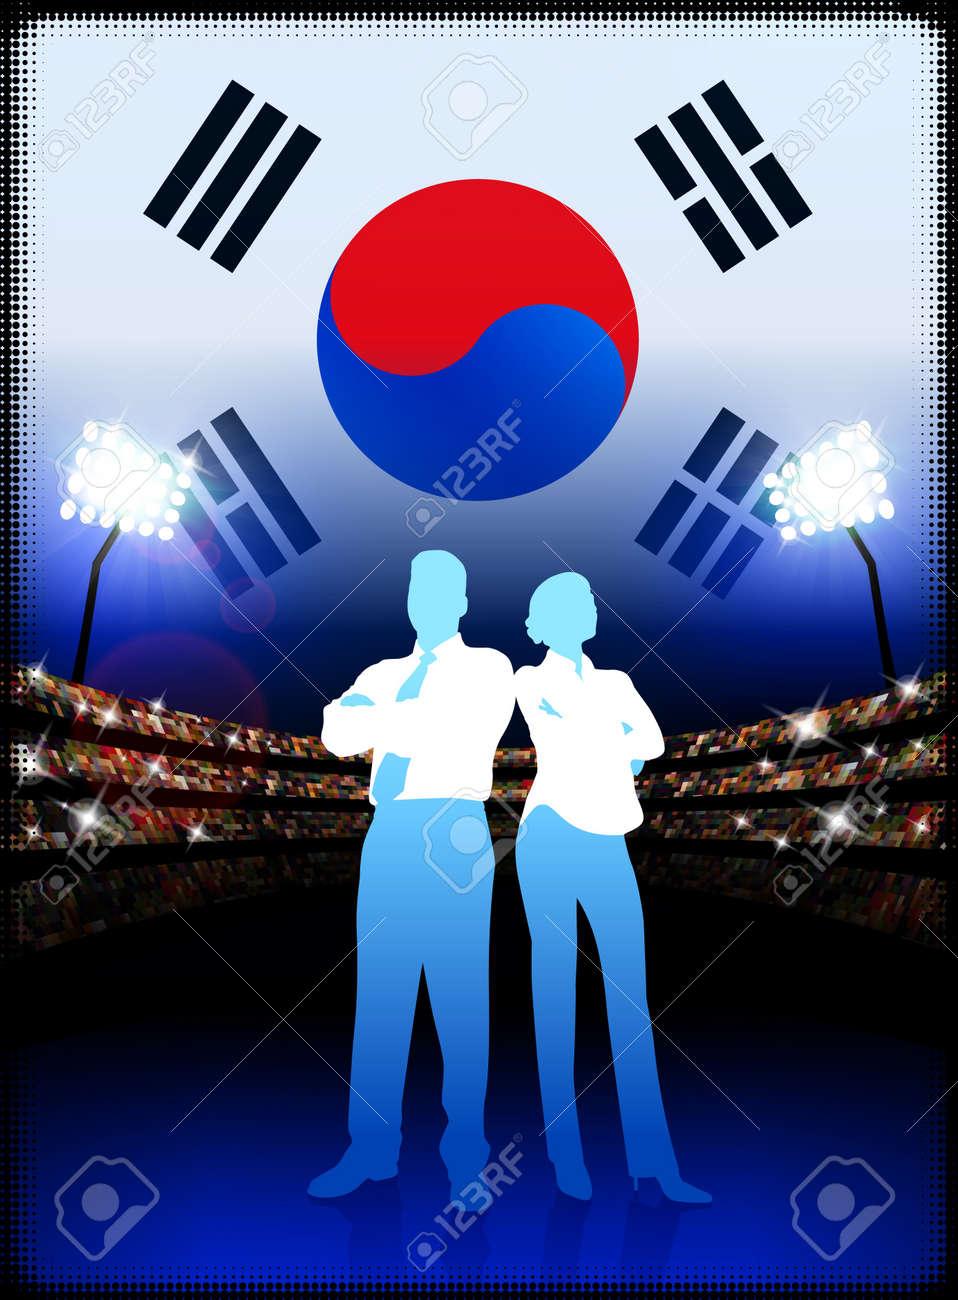 フラグでスタジアムの背景に韓国ビジネス カップルオリジナル イラスト